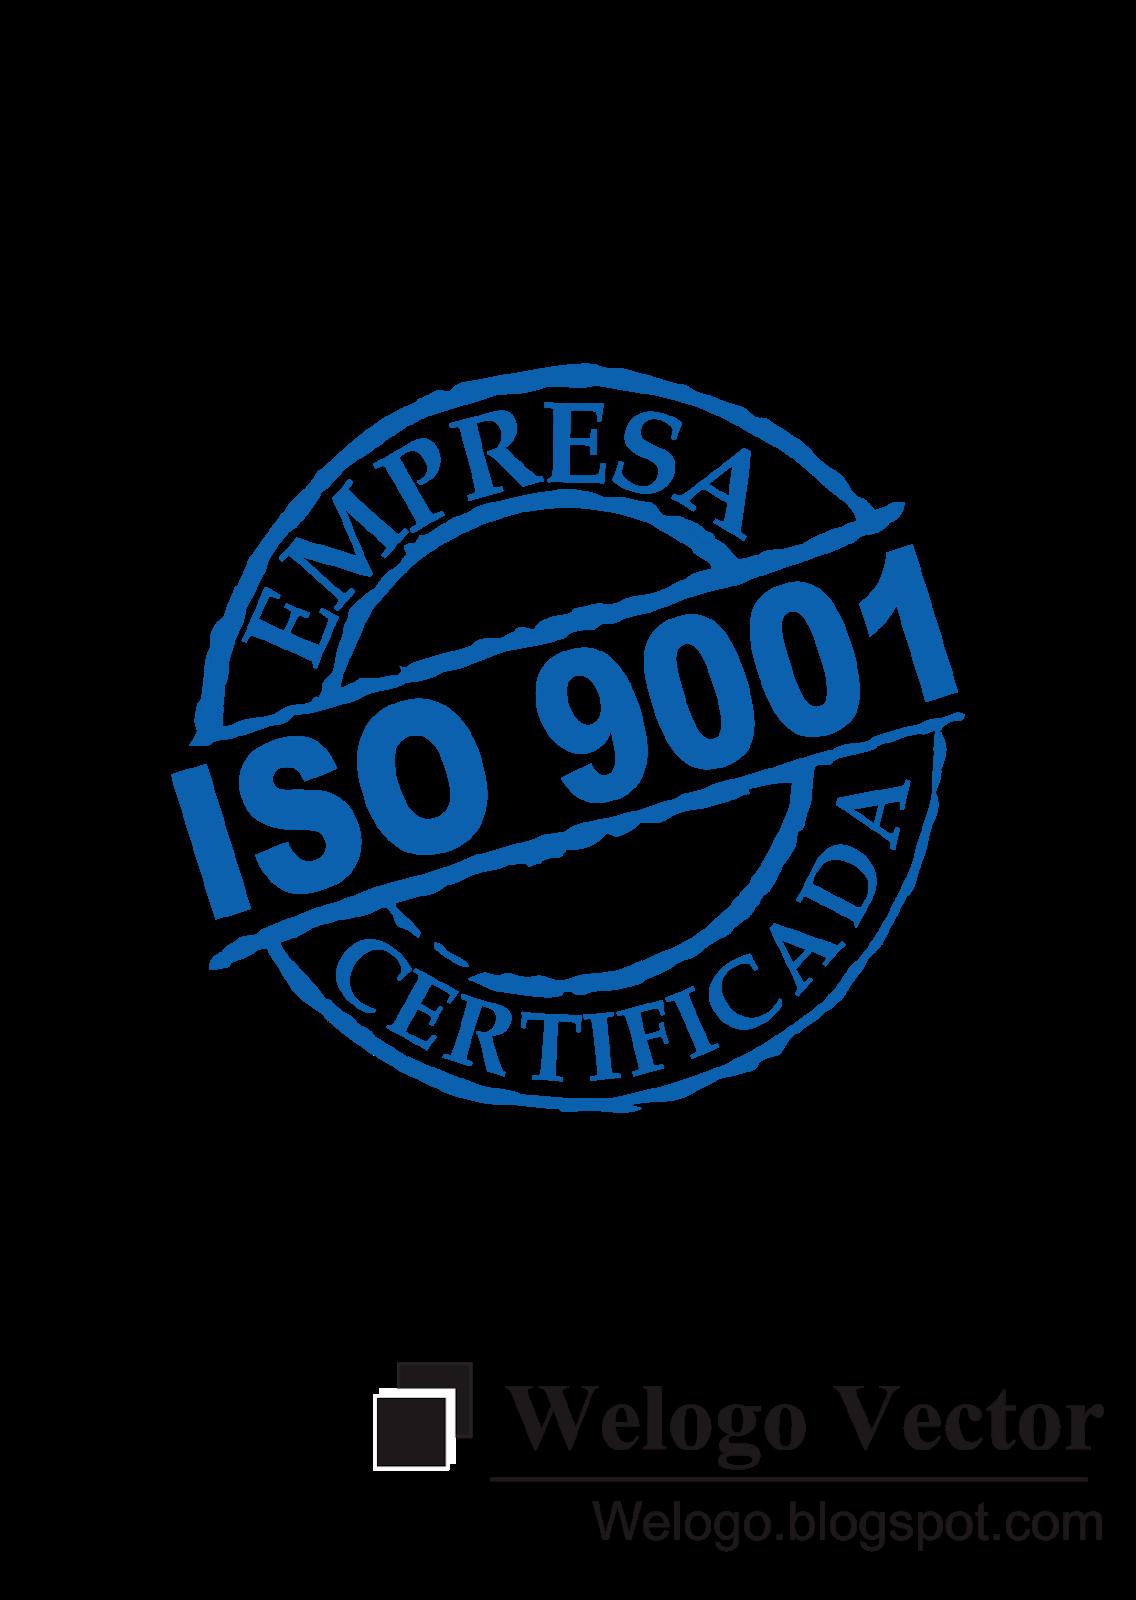 Empera iso 9001 certificada Logo